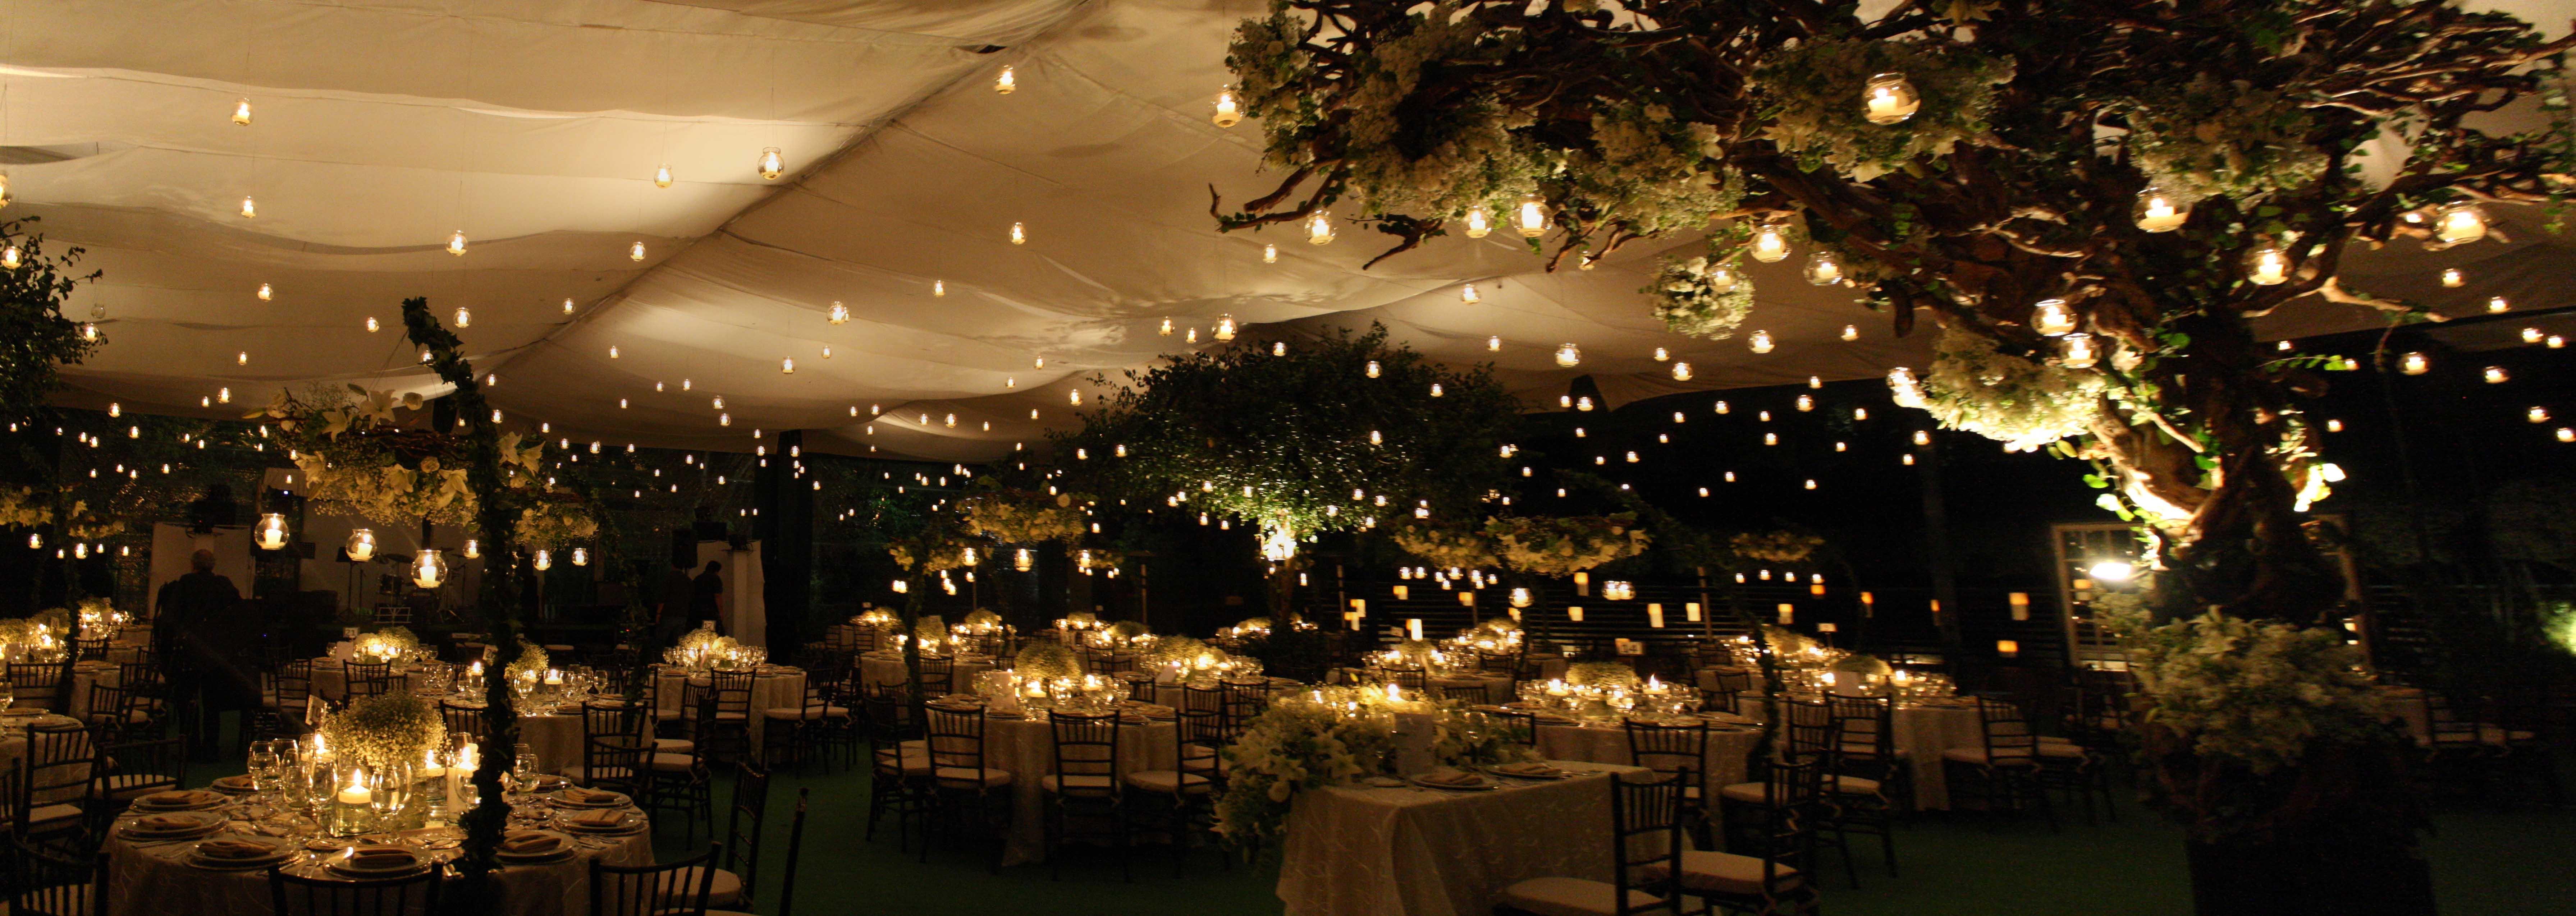 Banquetes corregidor noche for Boda en un jardin de noche